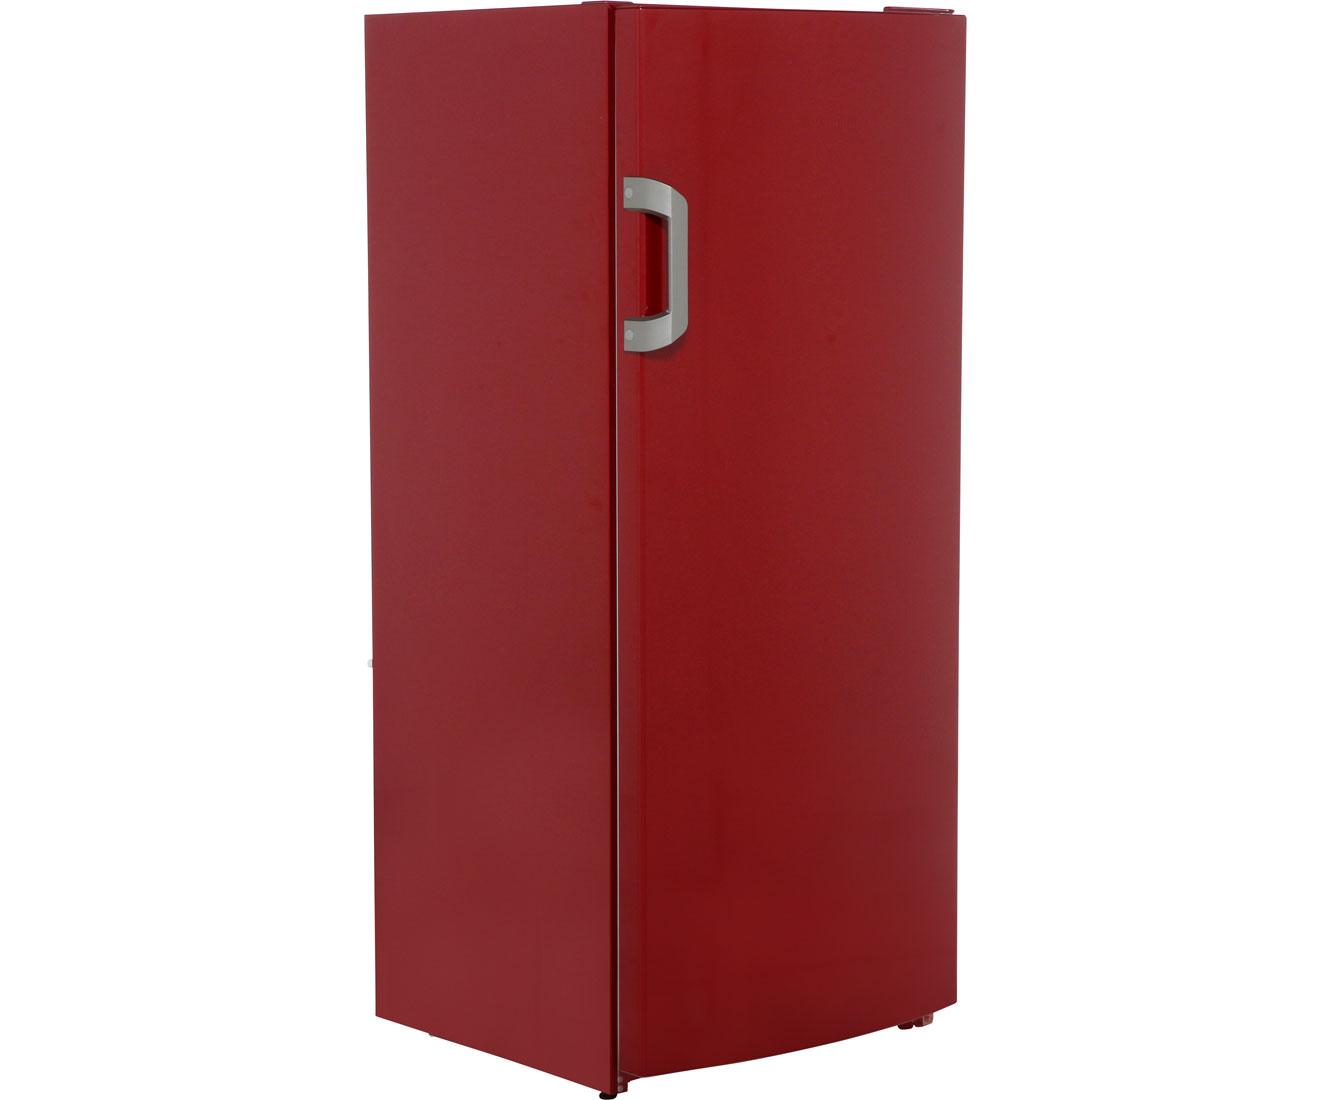 Amerikanischer Kühlschrank Gorenje : Ao.de oster specials